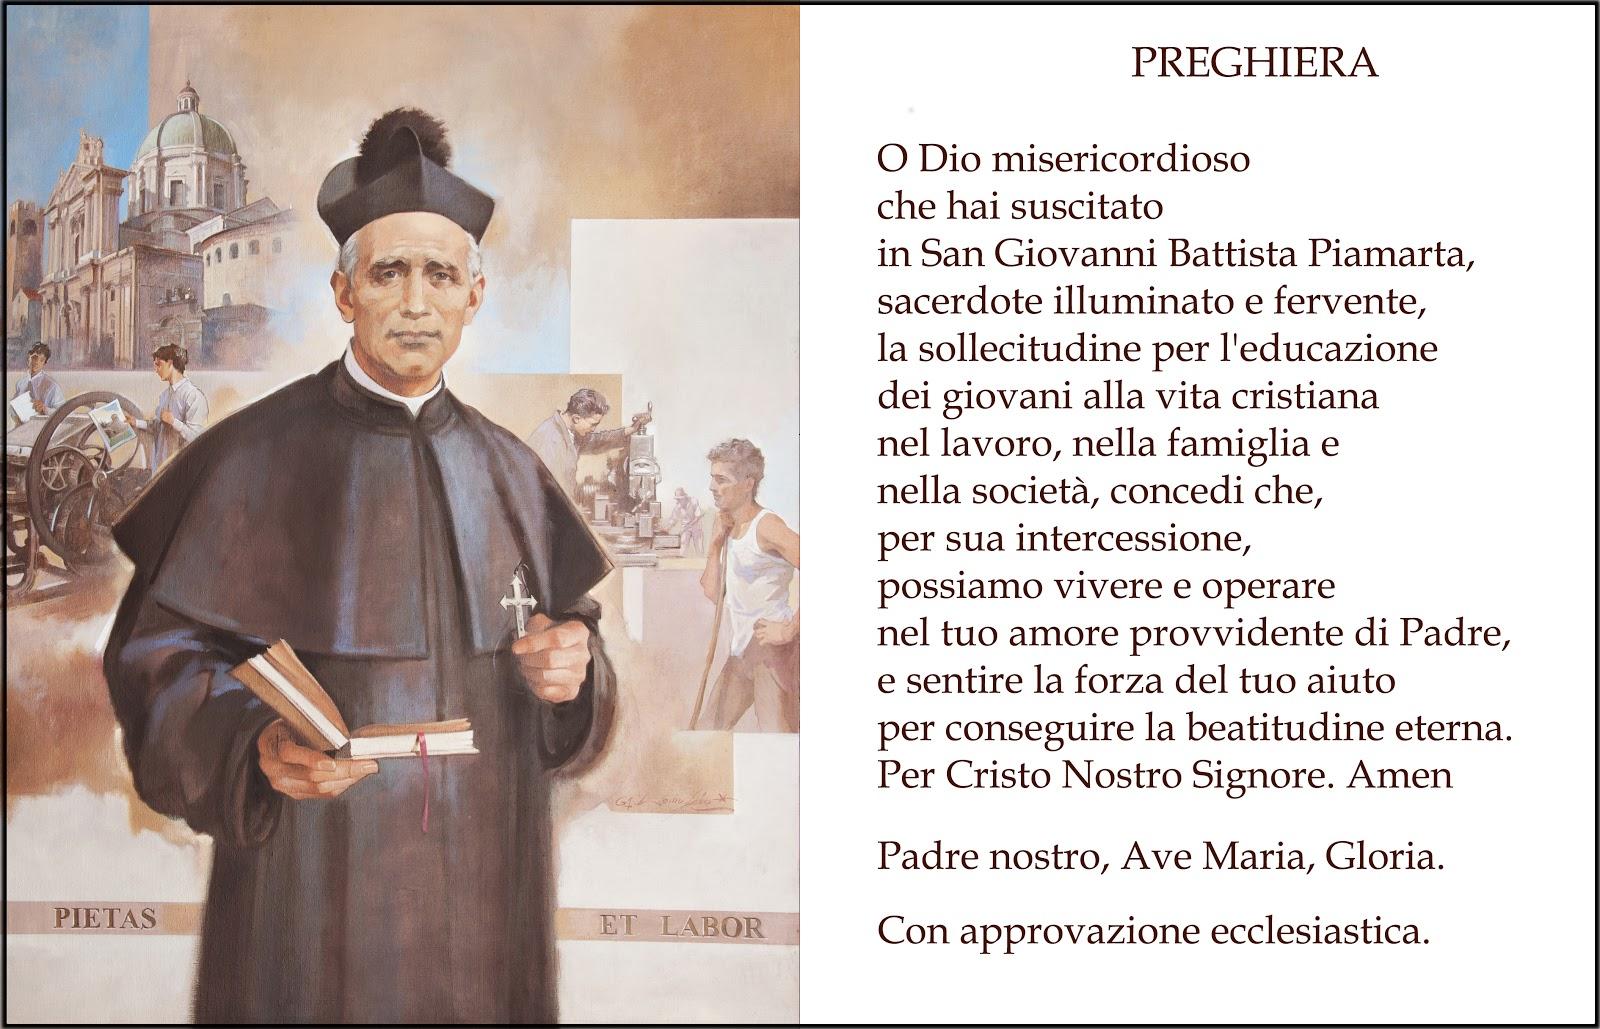 San Giovanni Battista Piamarta Preghiera